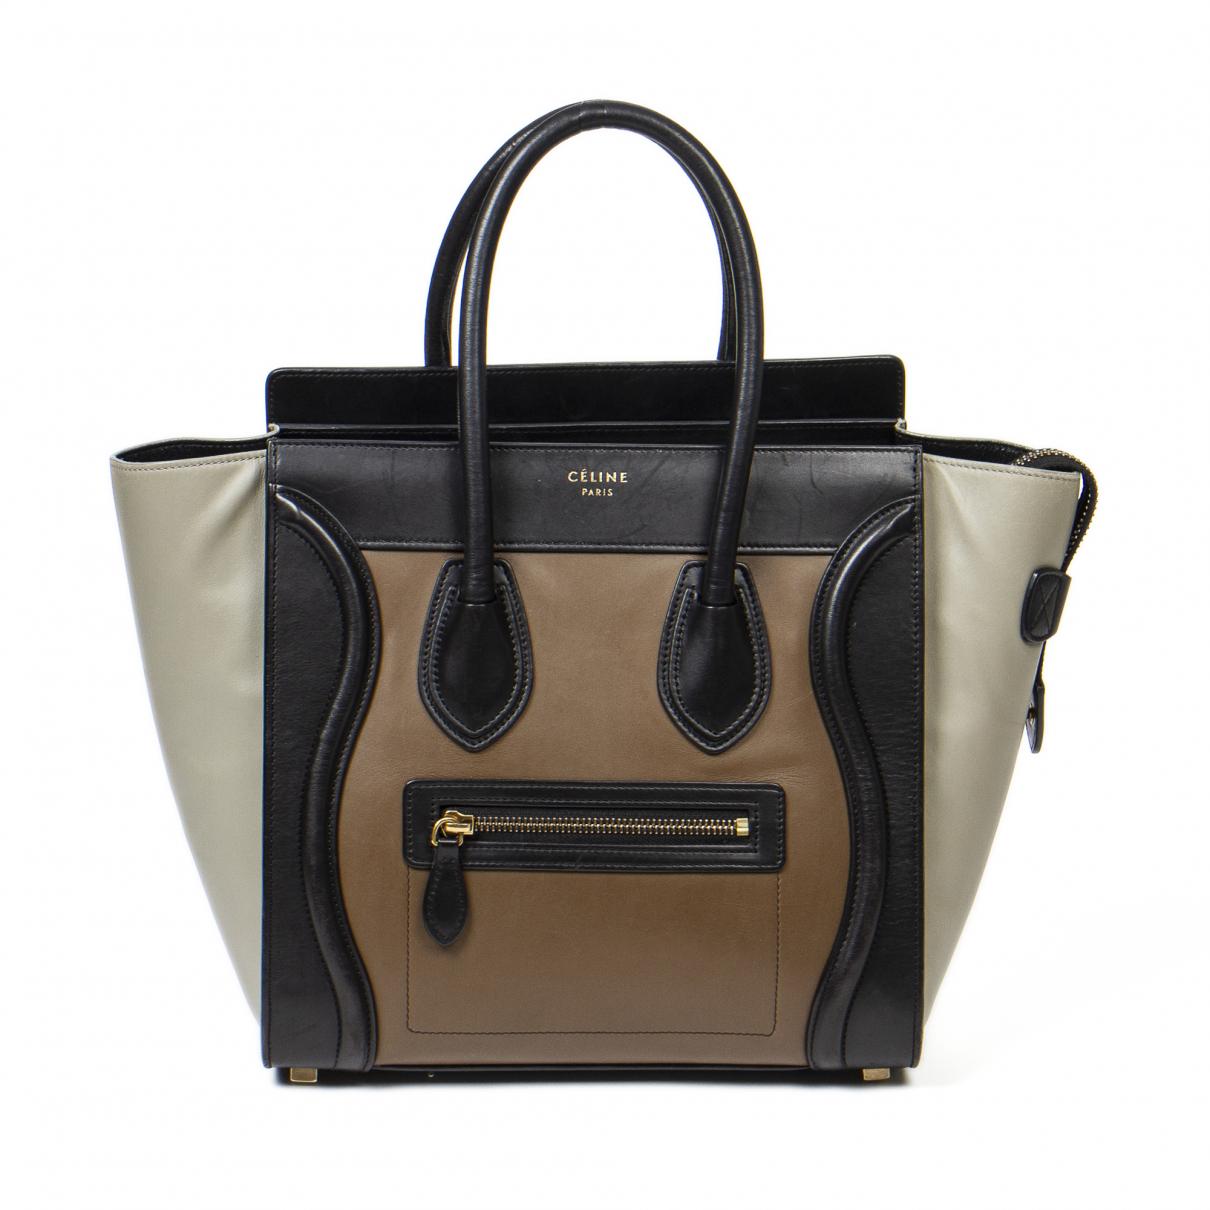 Celine Luggage Handtasche in Leder